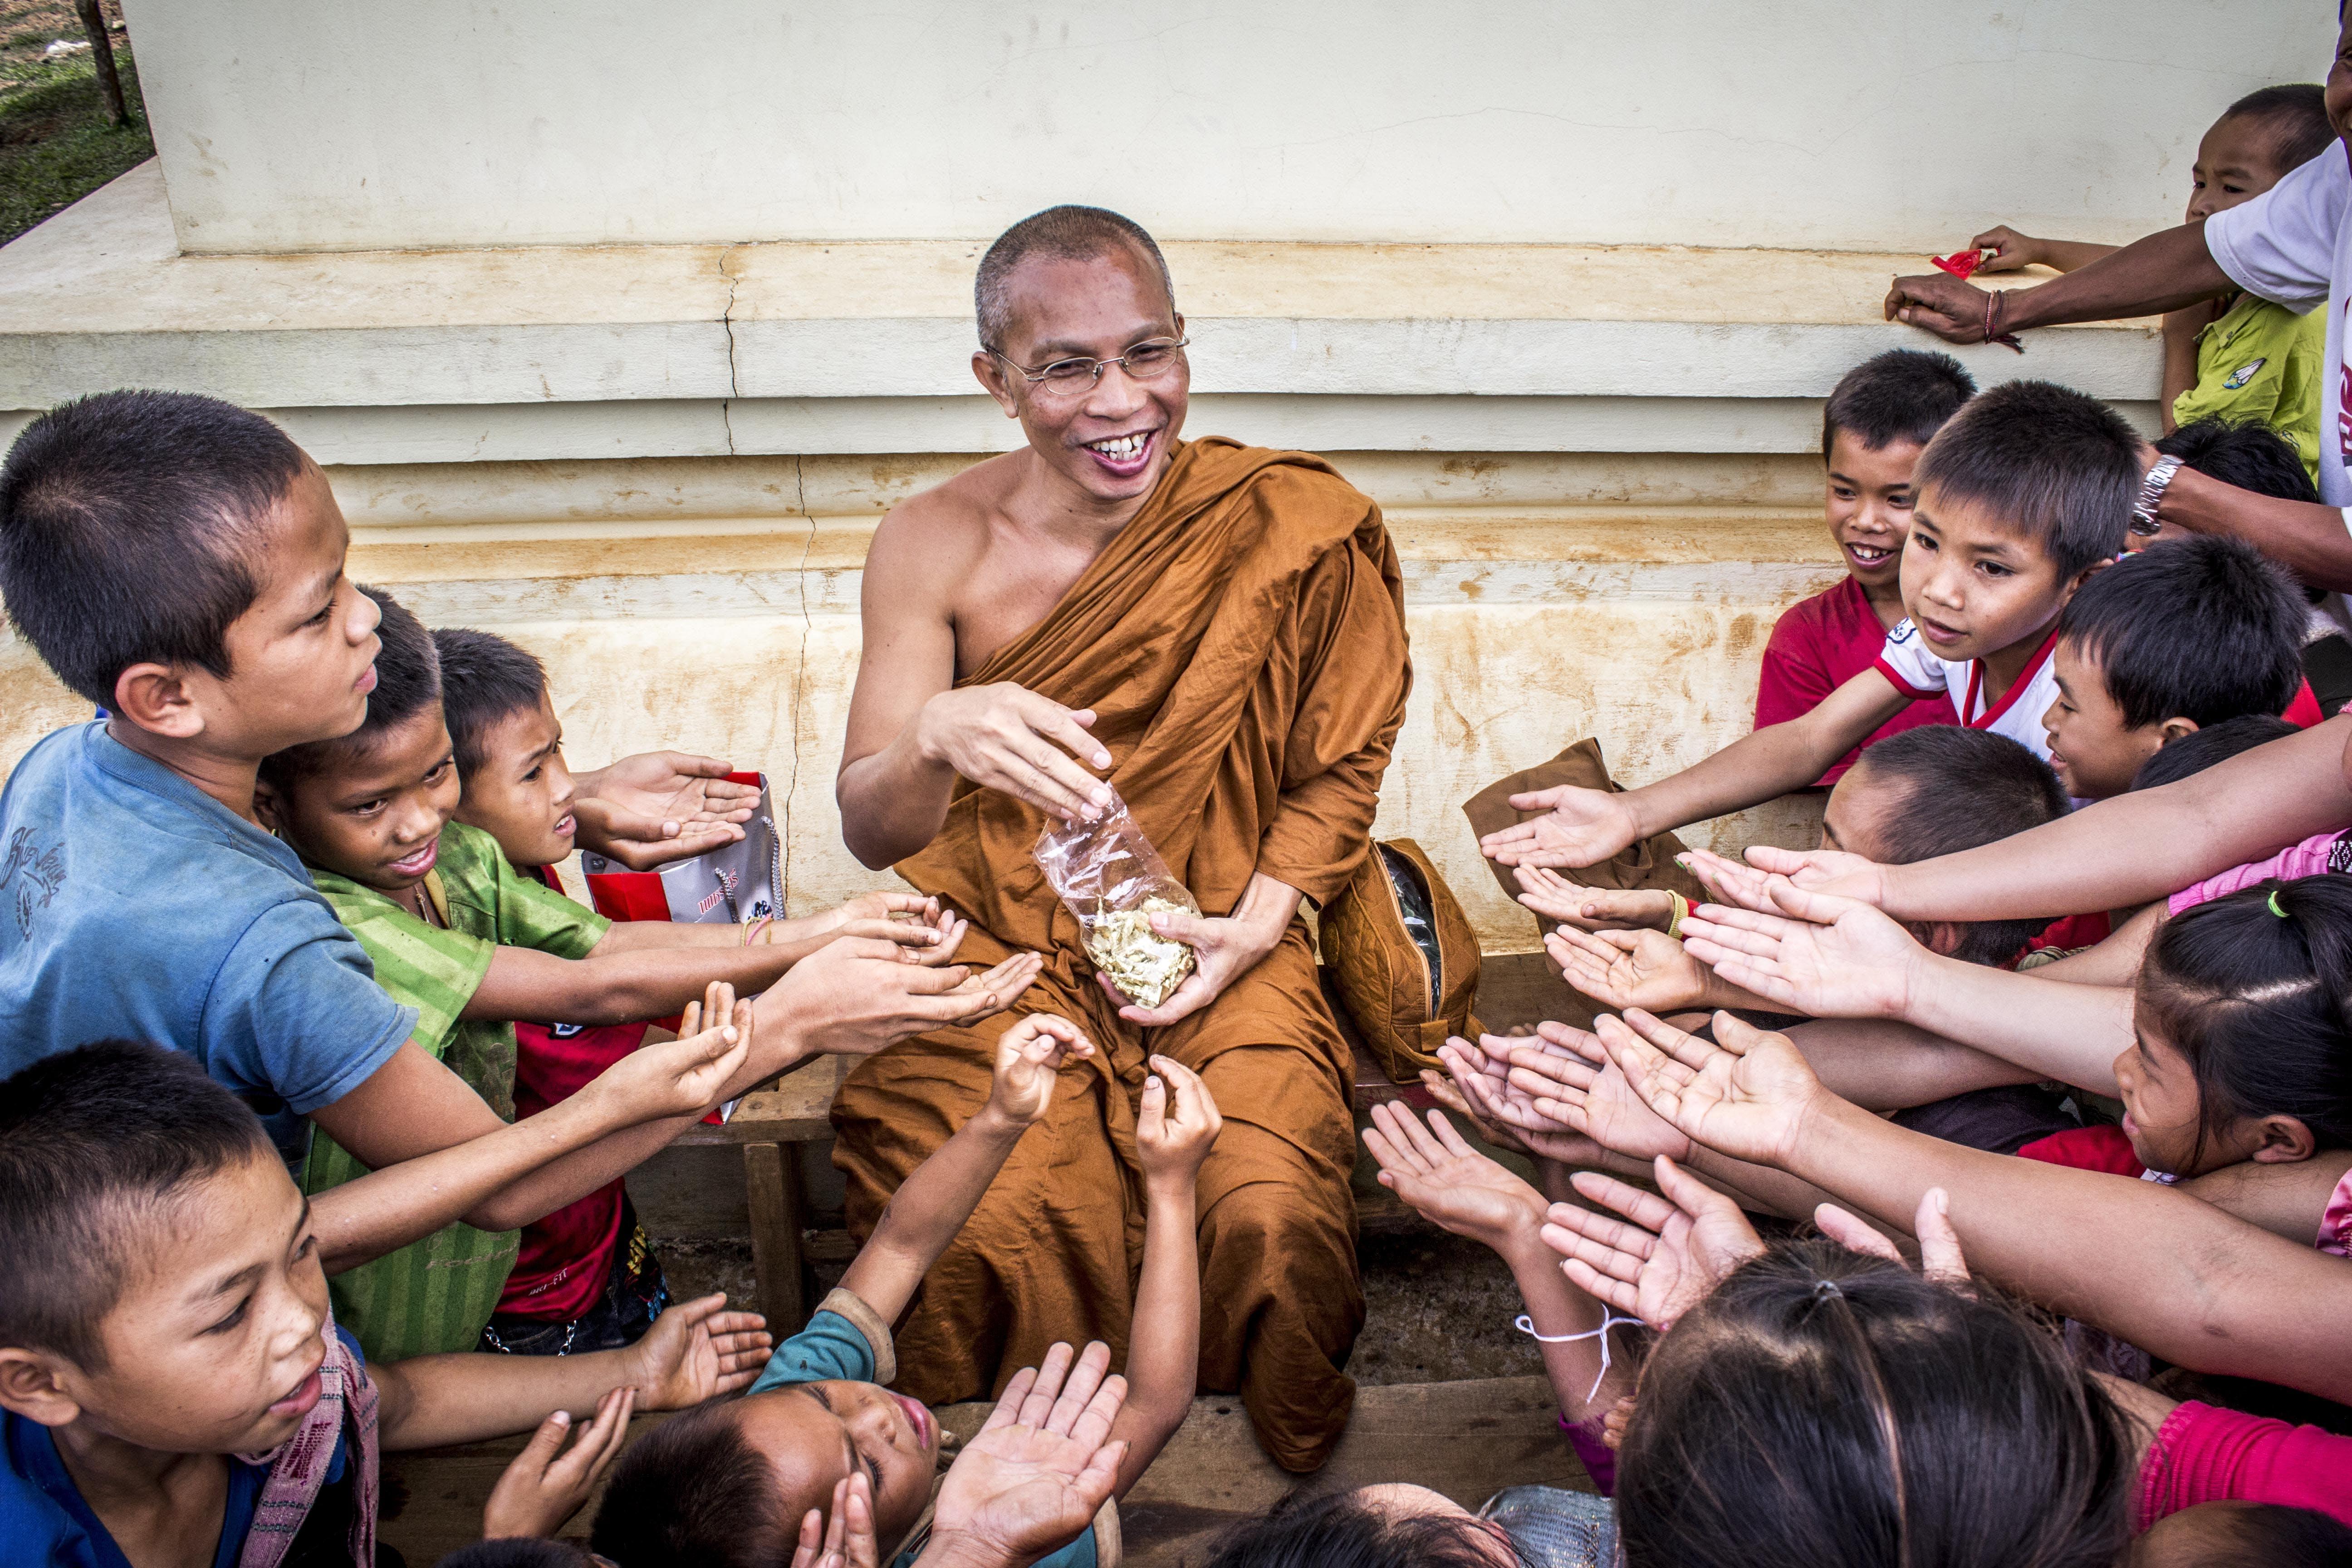 Man in Monk Dress Between Group of Children